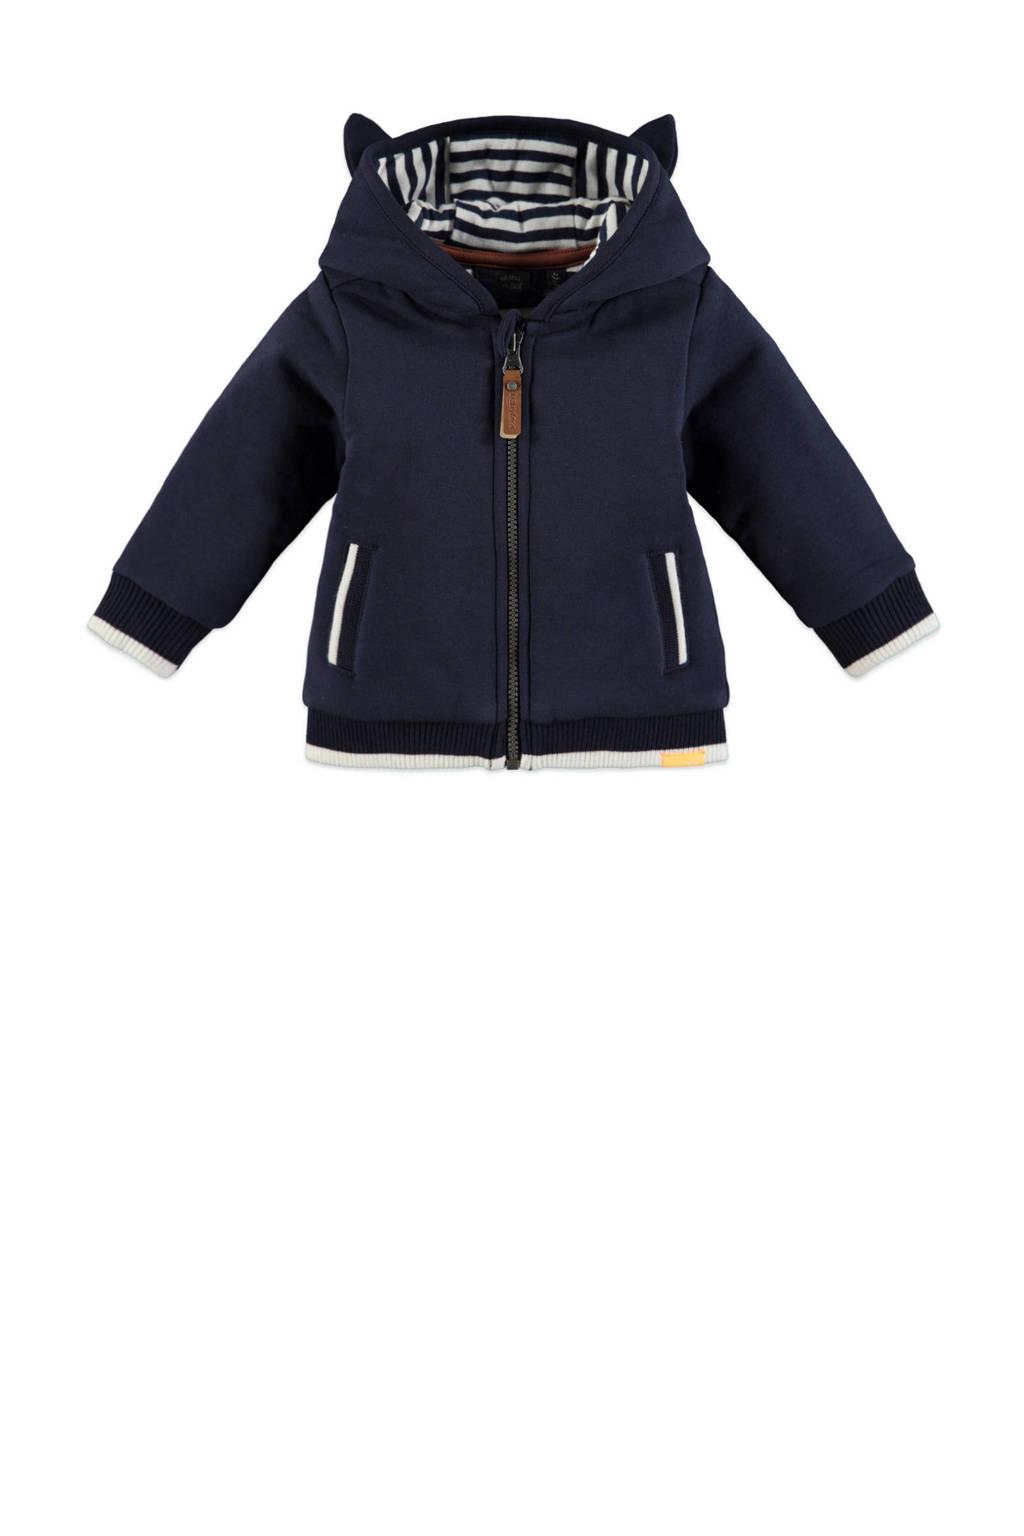 Babyface baby vest met biologisch katoen donkerblauw/wit, Donkerblauw/wit